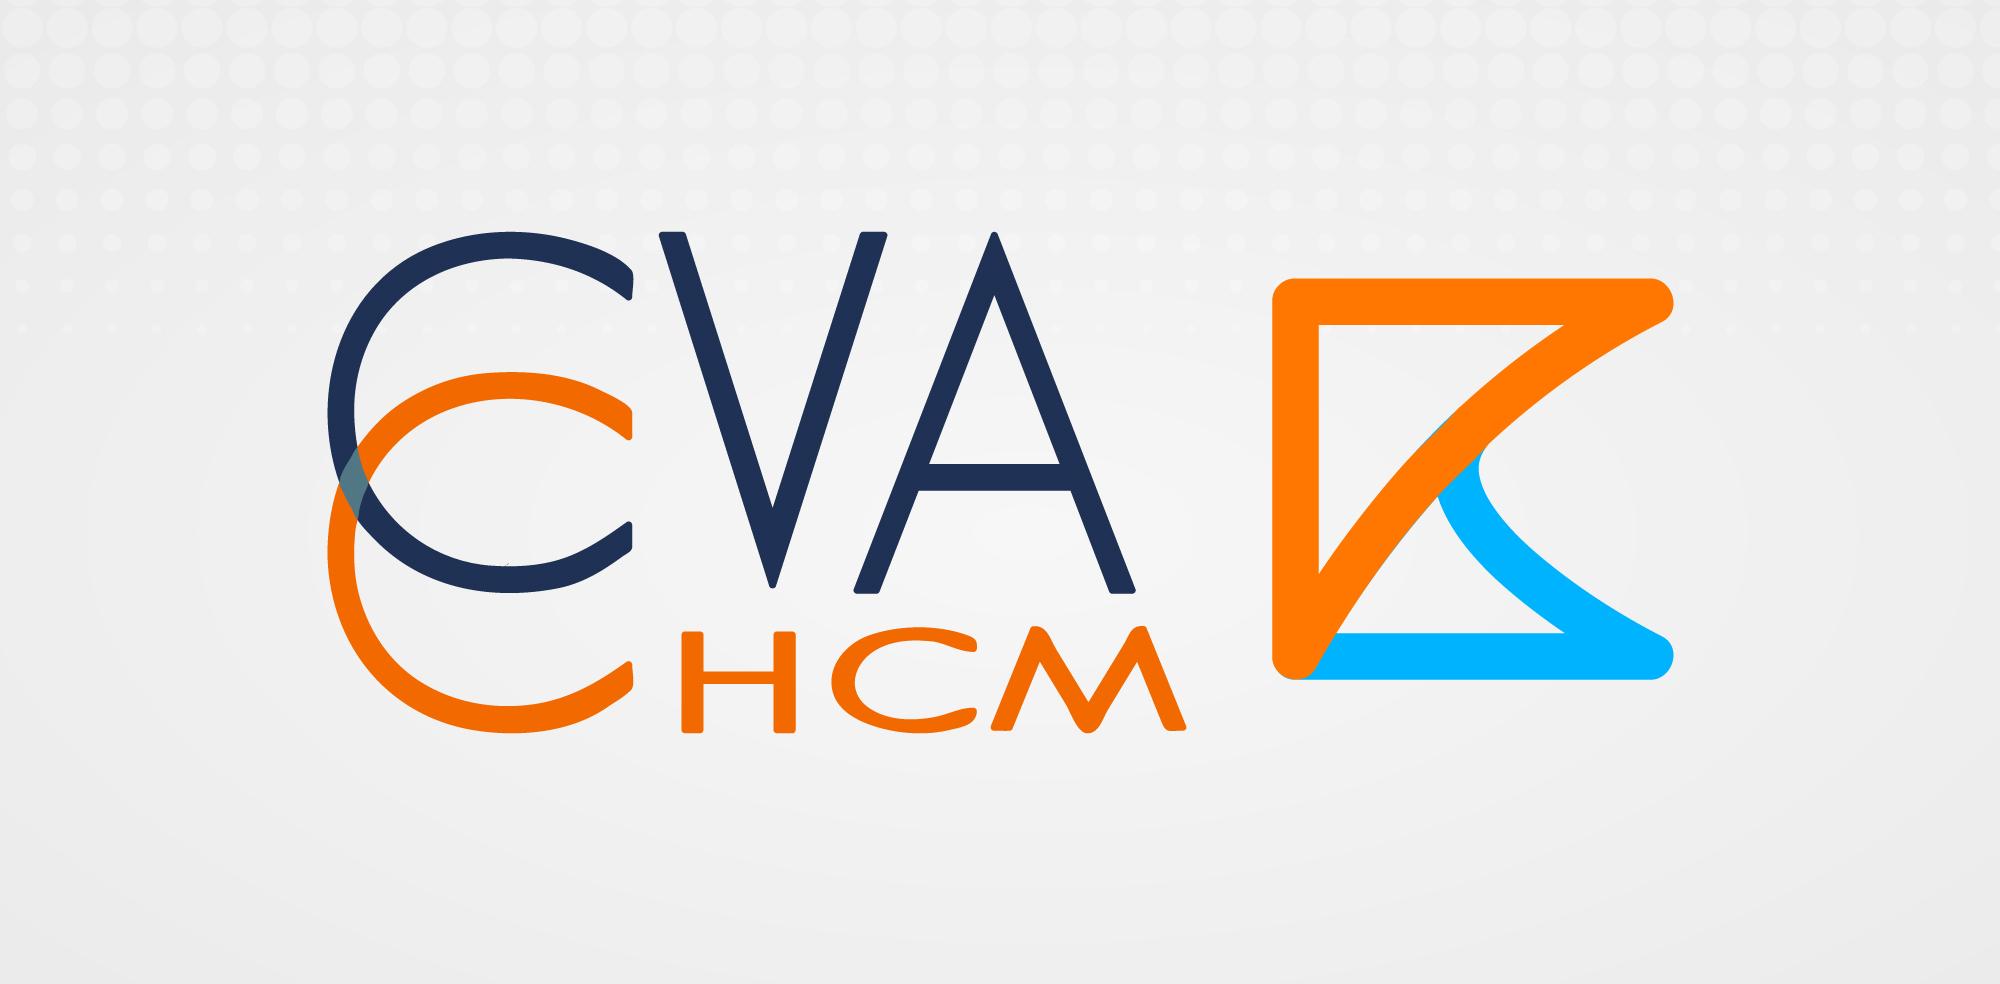 Разработка логотипа и фирменного стиля компании фото f_384572a4ca351455.jpg